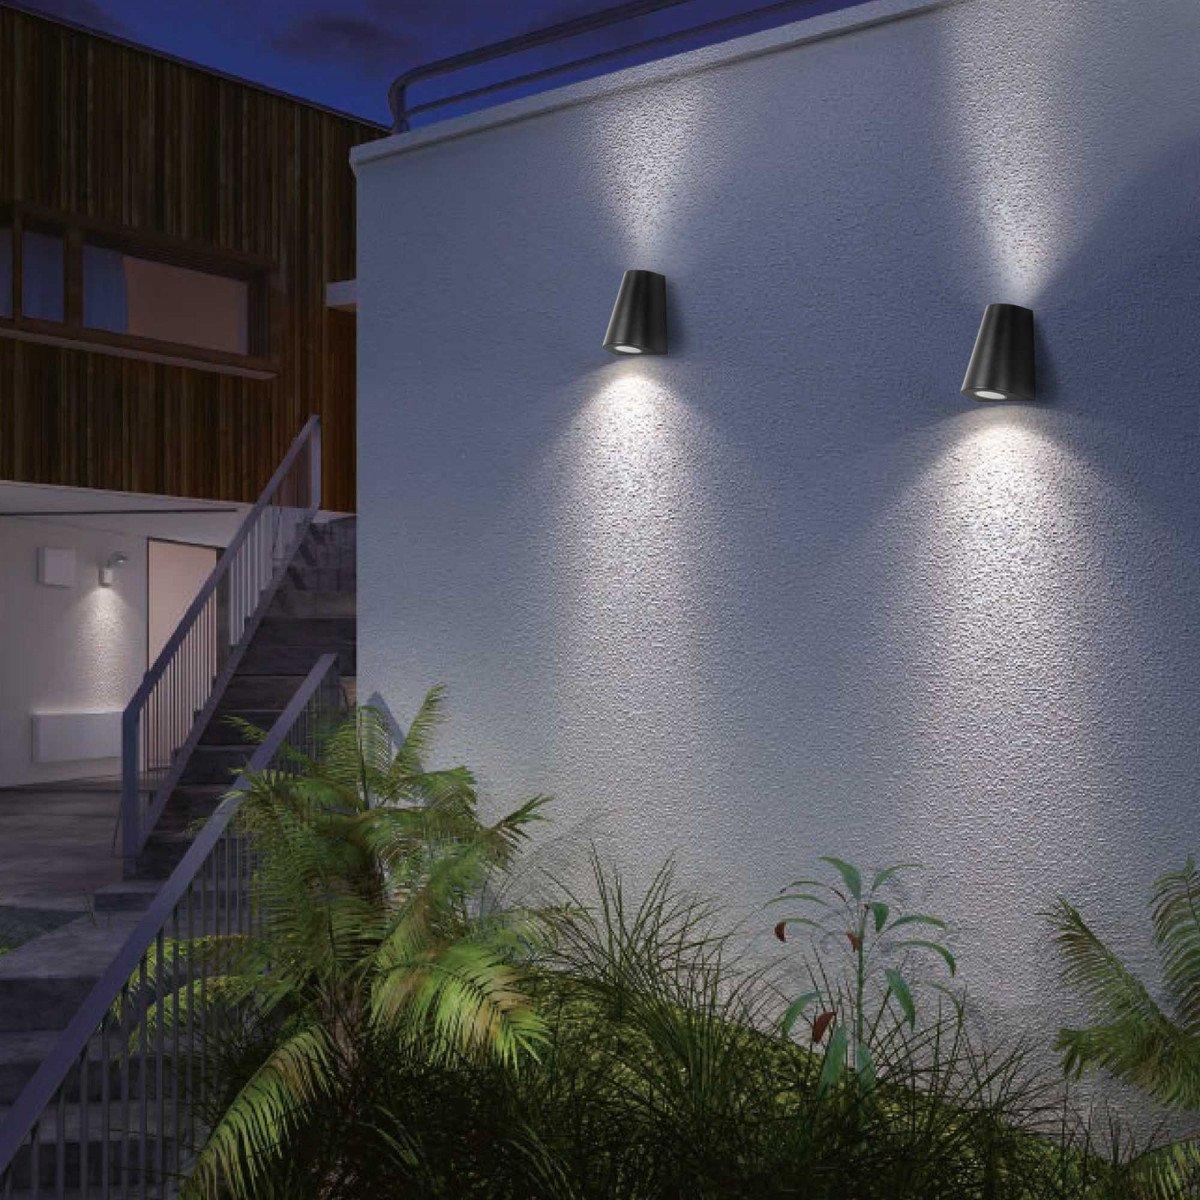 Wandspot Cone up & downlighter zwart, moderne wandverlichting voor buiten, buitenverlichting van KS Verlichting, conisch vormgegeven gevelspot